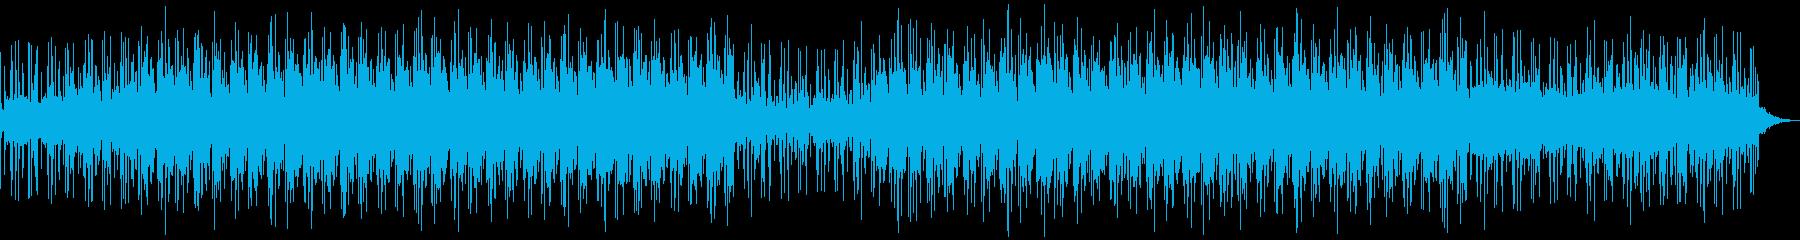 浮遊感のあるチルアウト・回想シーンなどにの再生済みの波形